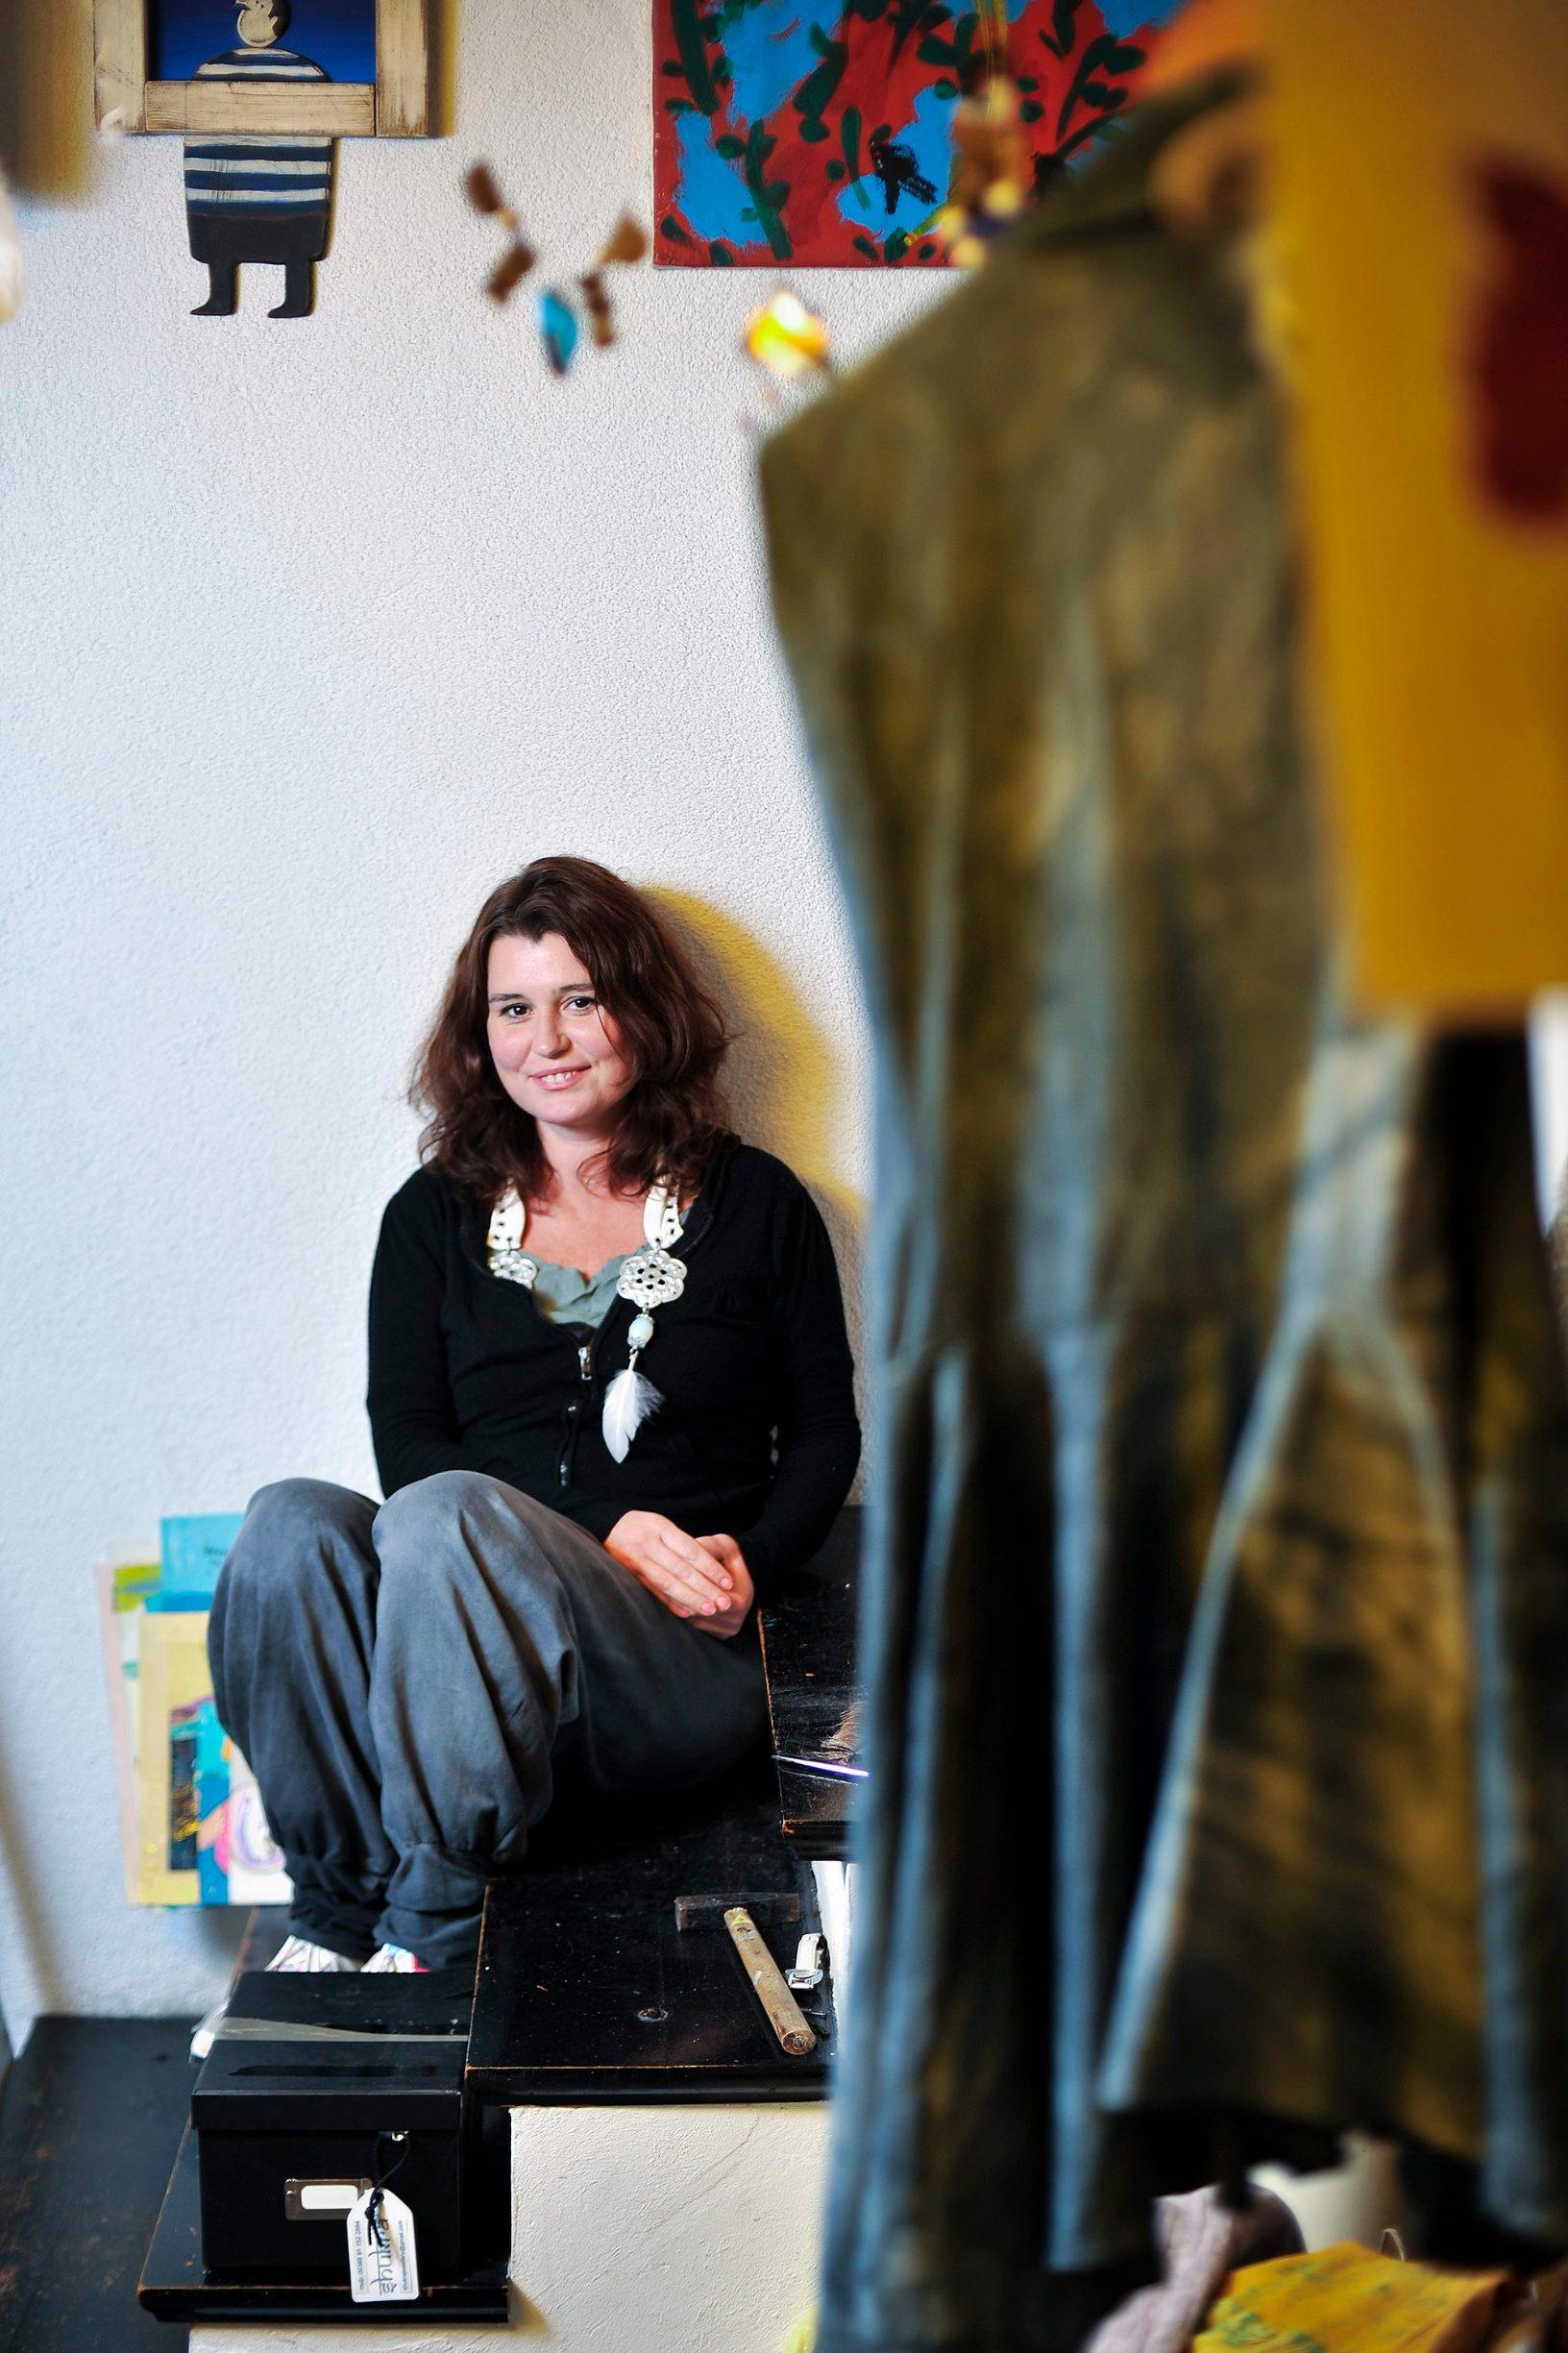 Zagreb, 261012. Ilica 55. Kiparica i dizajnerica Ivana Popovic snimljena u svome atelijeru. Foto: Boris Kovacev / CROPIX